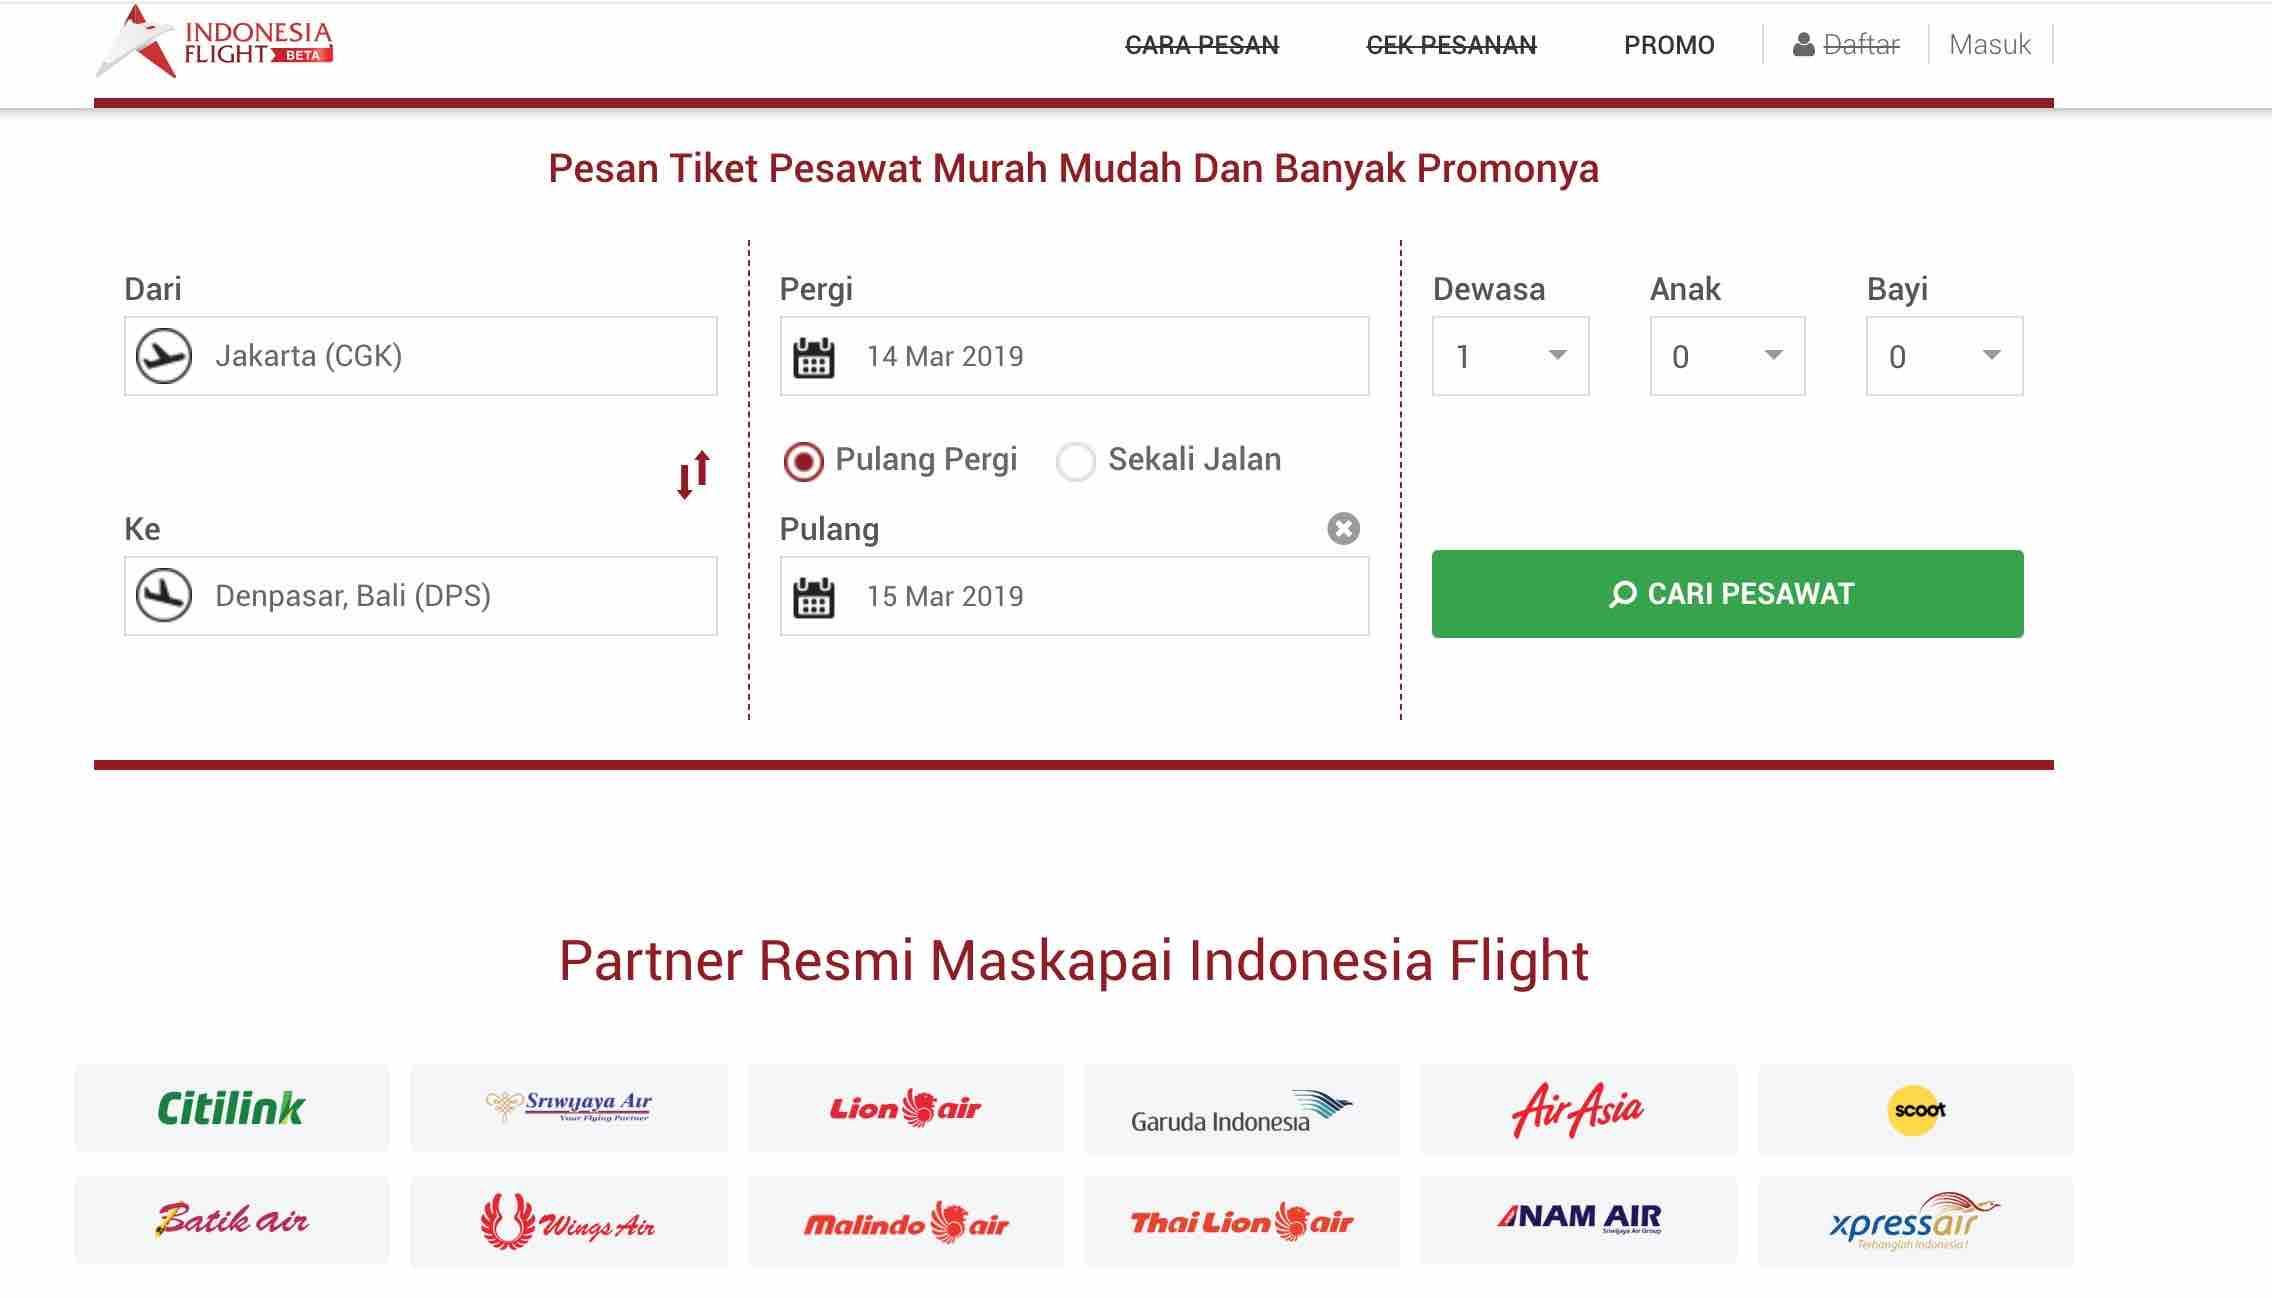 Patner resmi maskapal indonesian flight